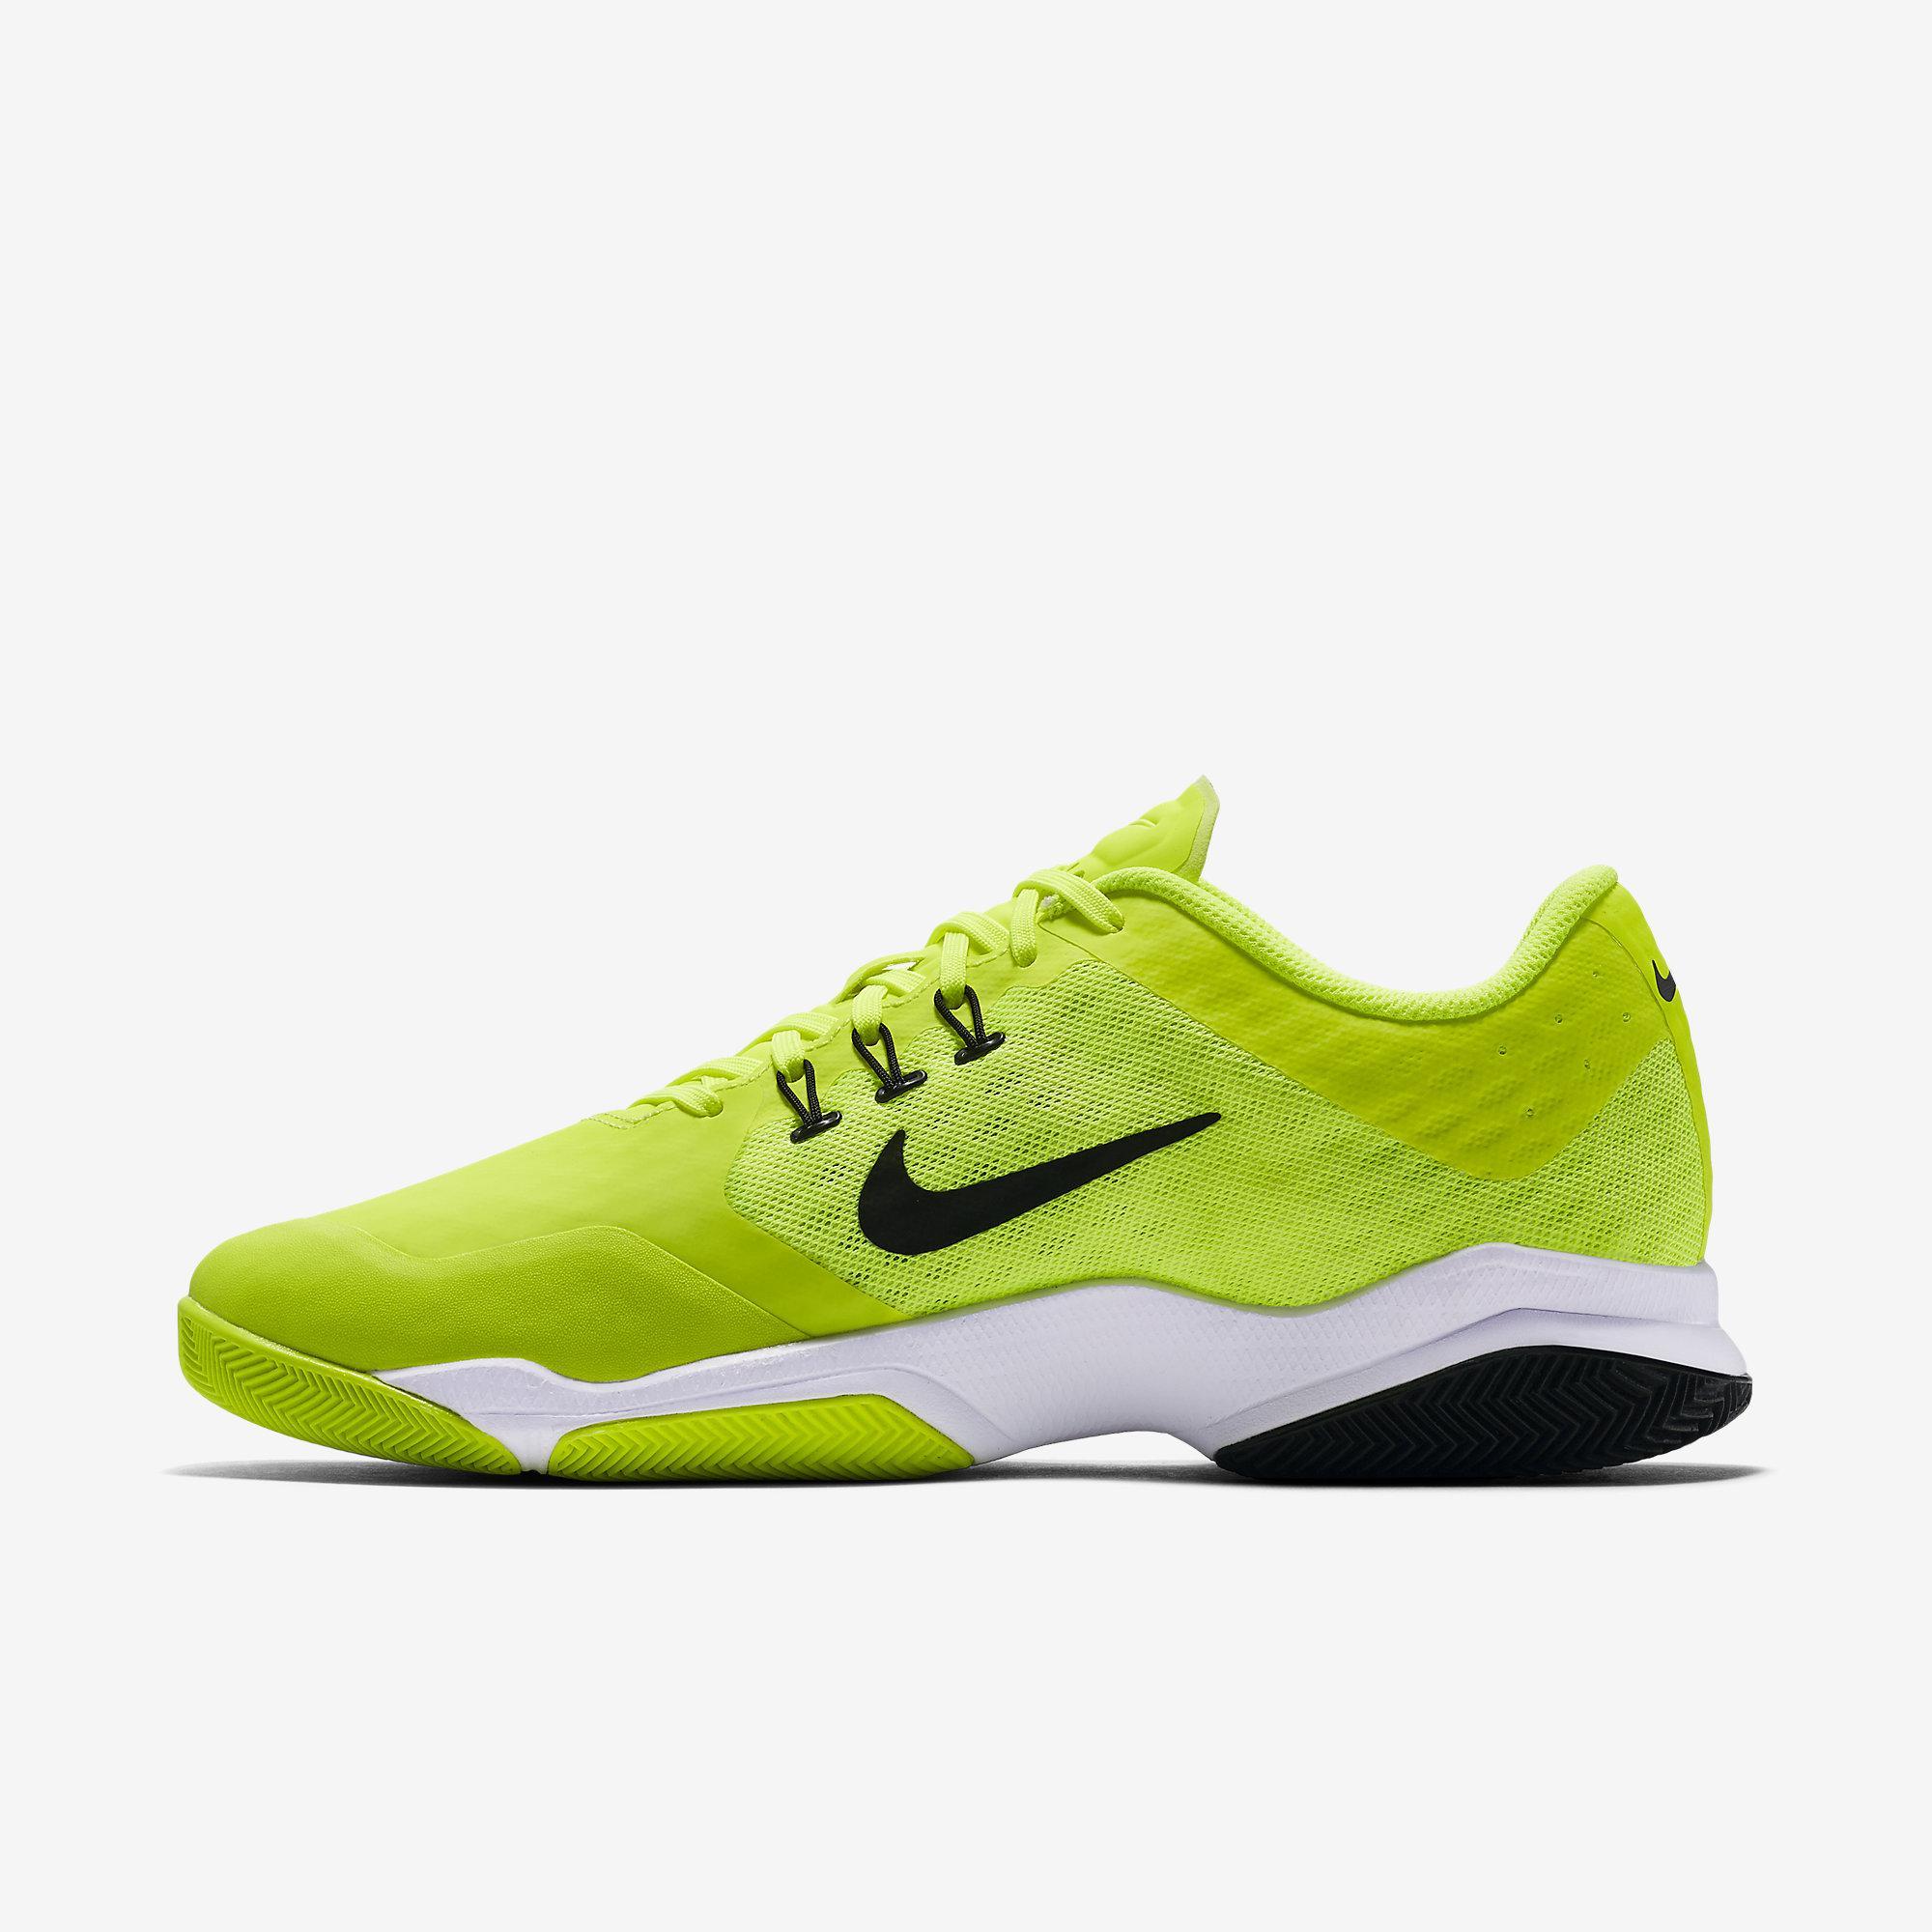 214c750212a Nike Mens Air Zoom Ultra Tennis Shoes - Volt - Tennisnuts.com